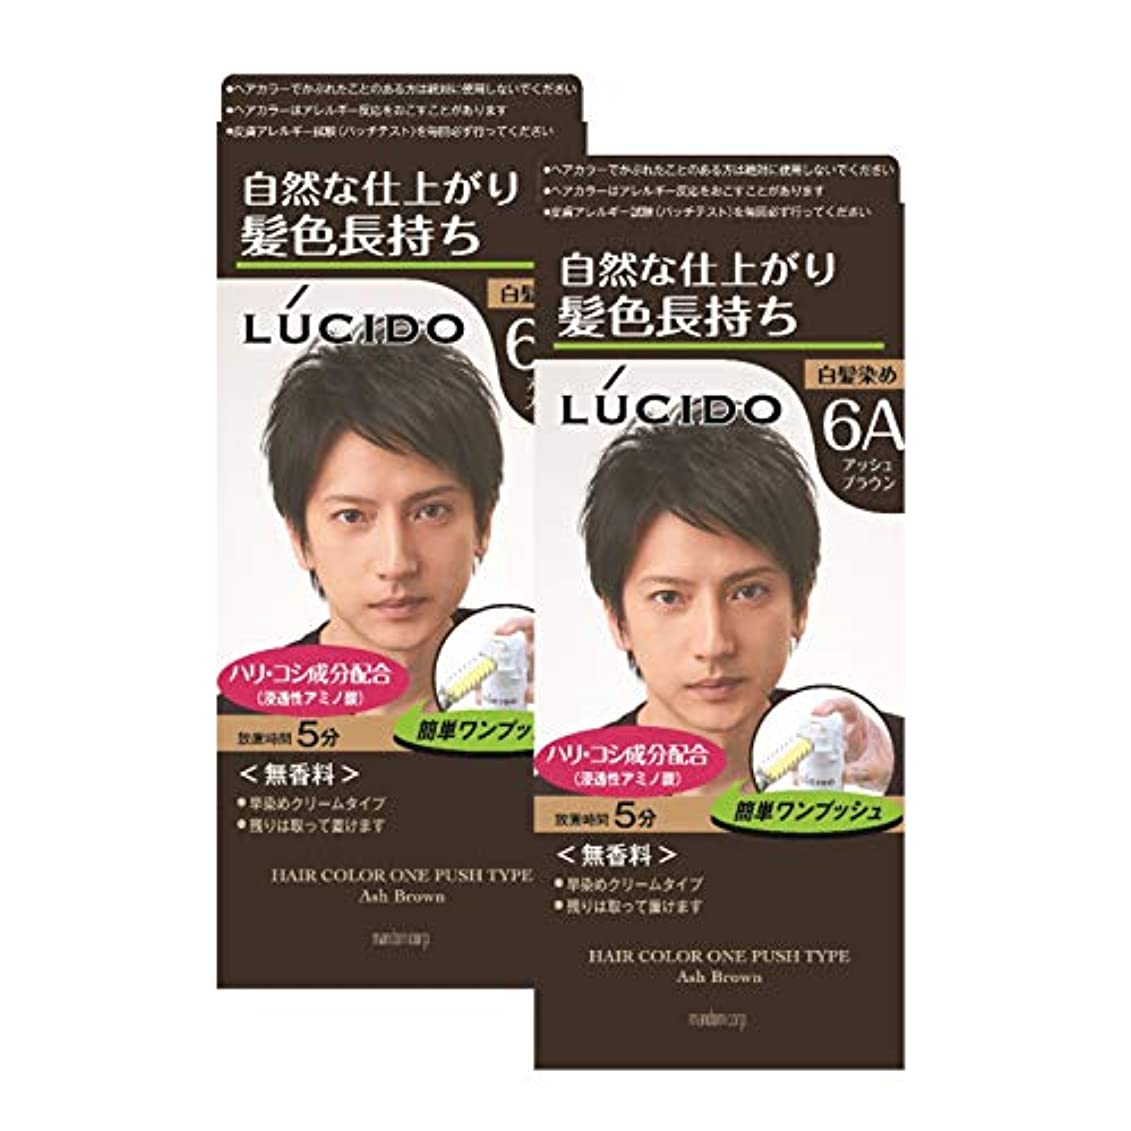 生産的段階効果的にLUCIDO(ルシード) ルシード ワンプッシュケアカラー アッシュブラウン (医薬部外品) 白髪染め 2個パック